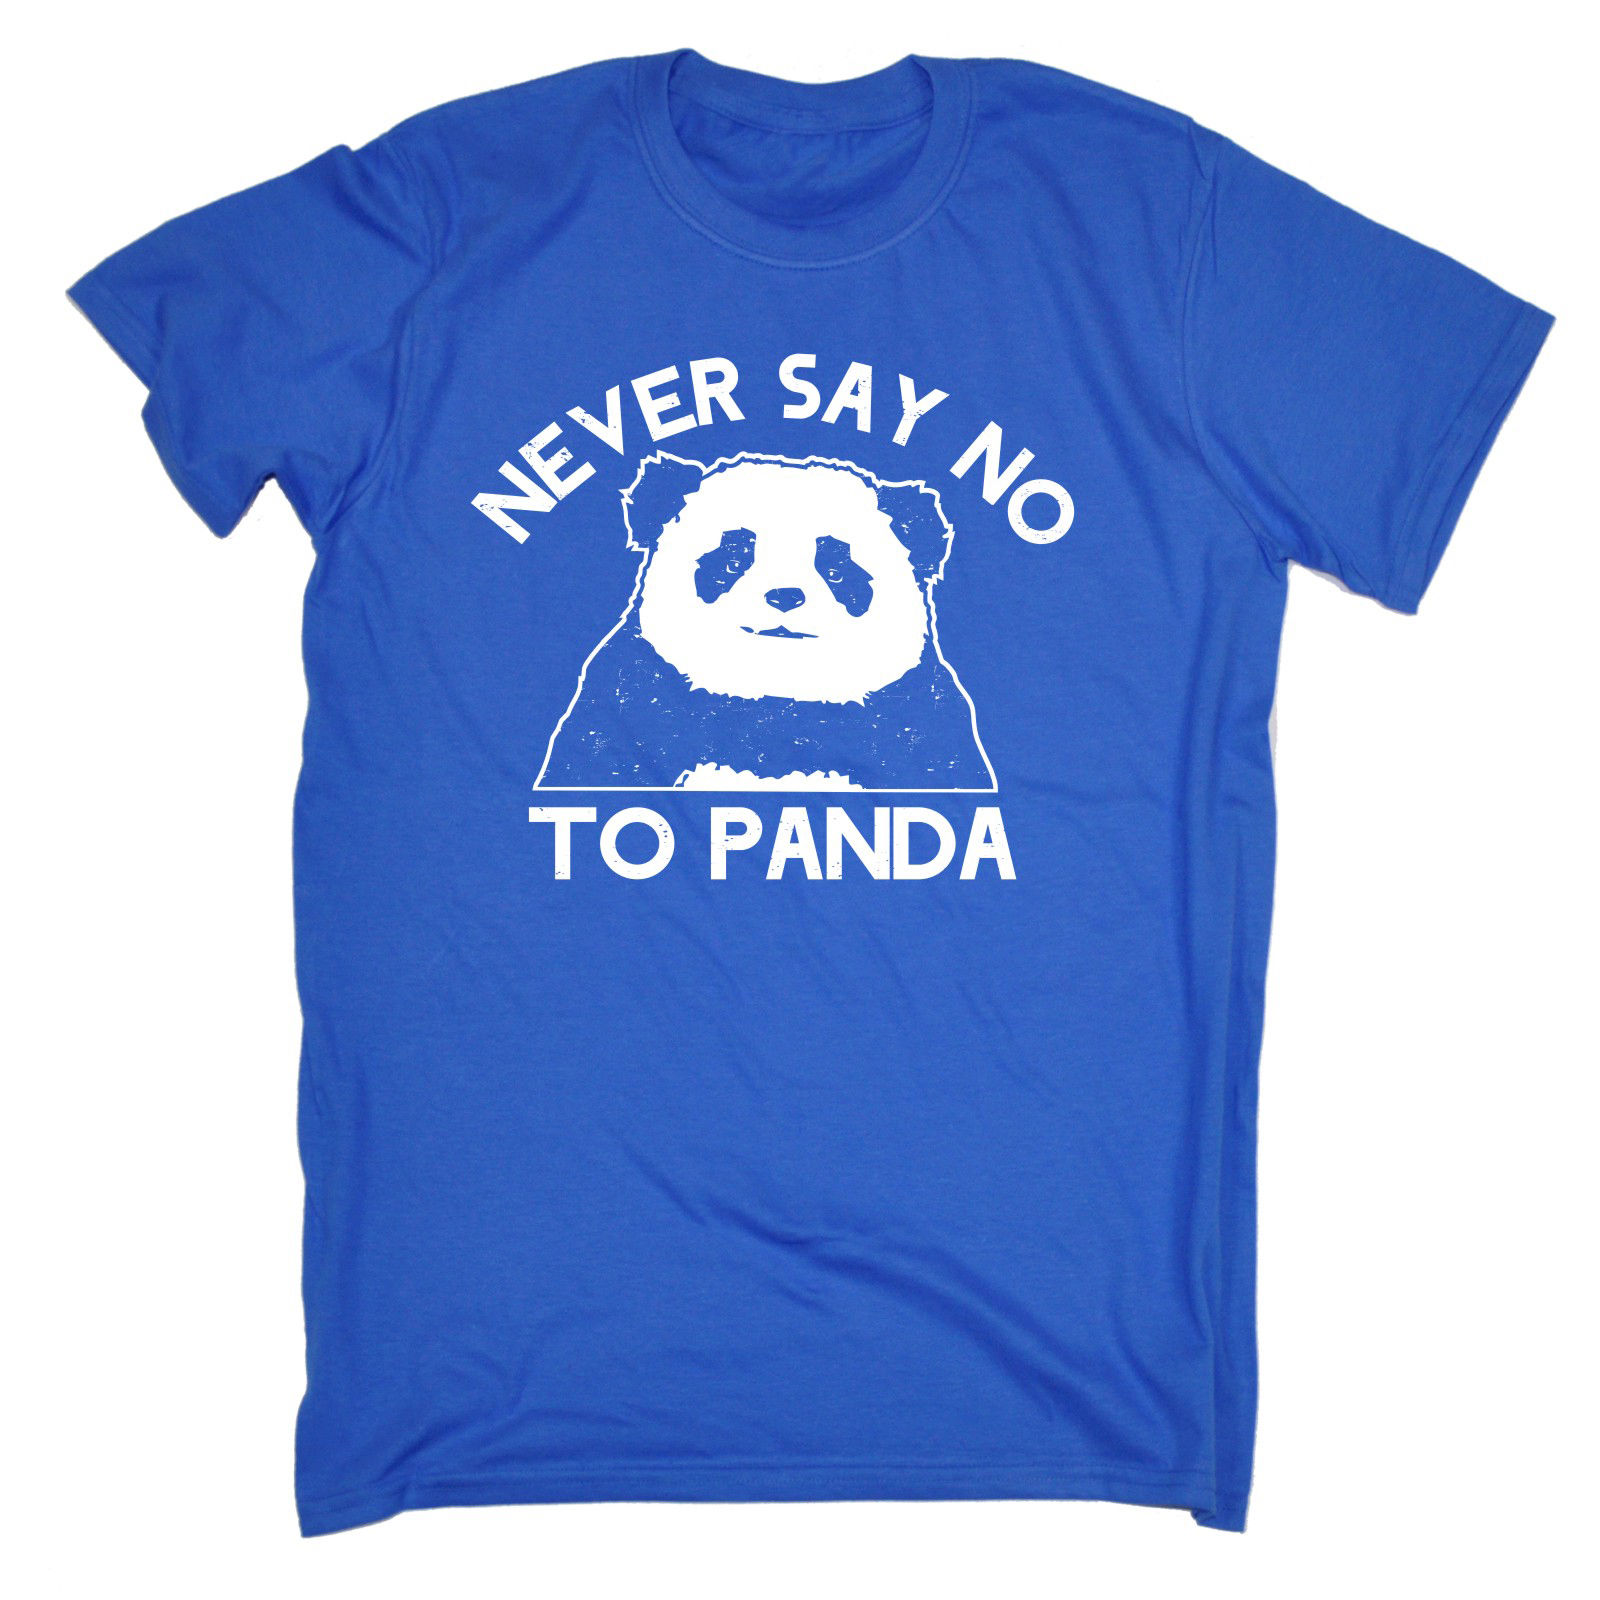 Никогда не говори нет Панде футболка смешной подарок на день рождения 123 т подарок для Него футболка лето новинка мультфильм т рубашка футбо...